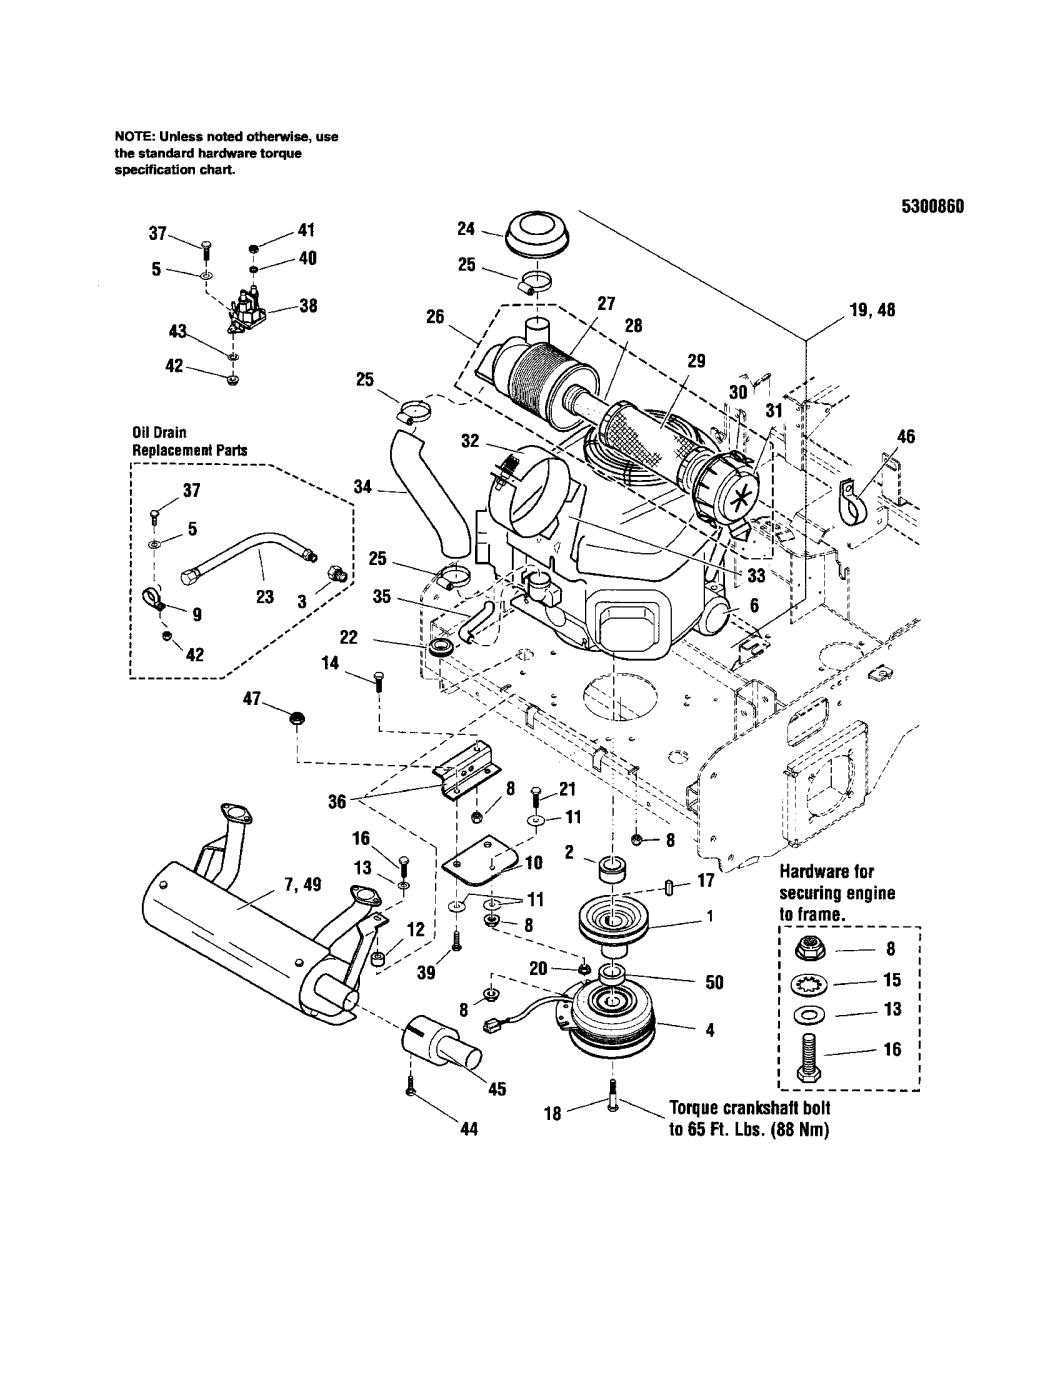 Kawasaki Klr650 Parts Diagram Engine Diagrams 26 Hp Free Wiring